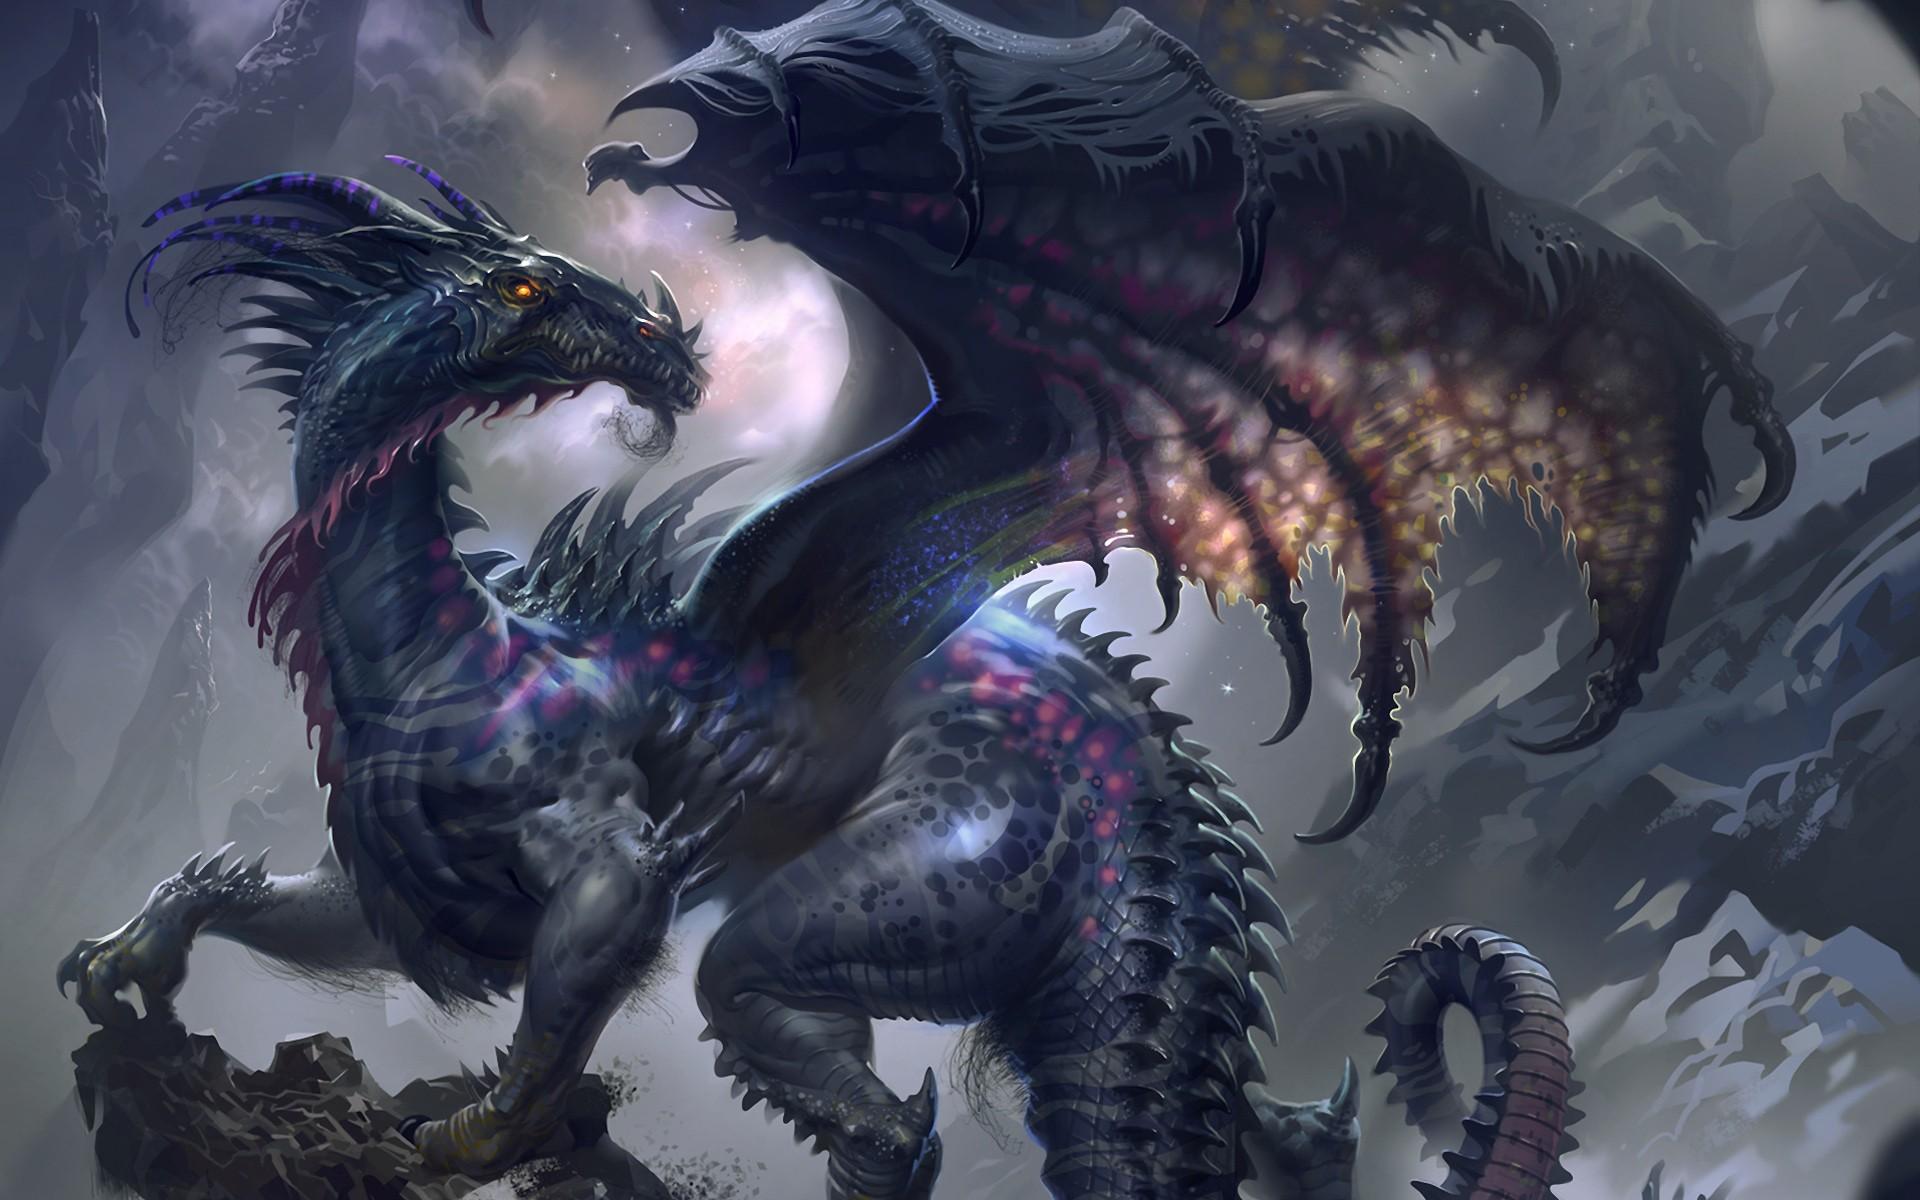 image - dark-dragon-hd-wallpaper | skylanders wiki | fandom